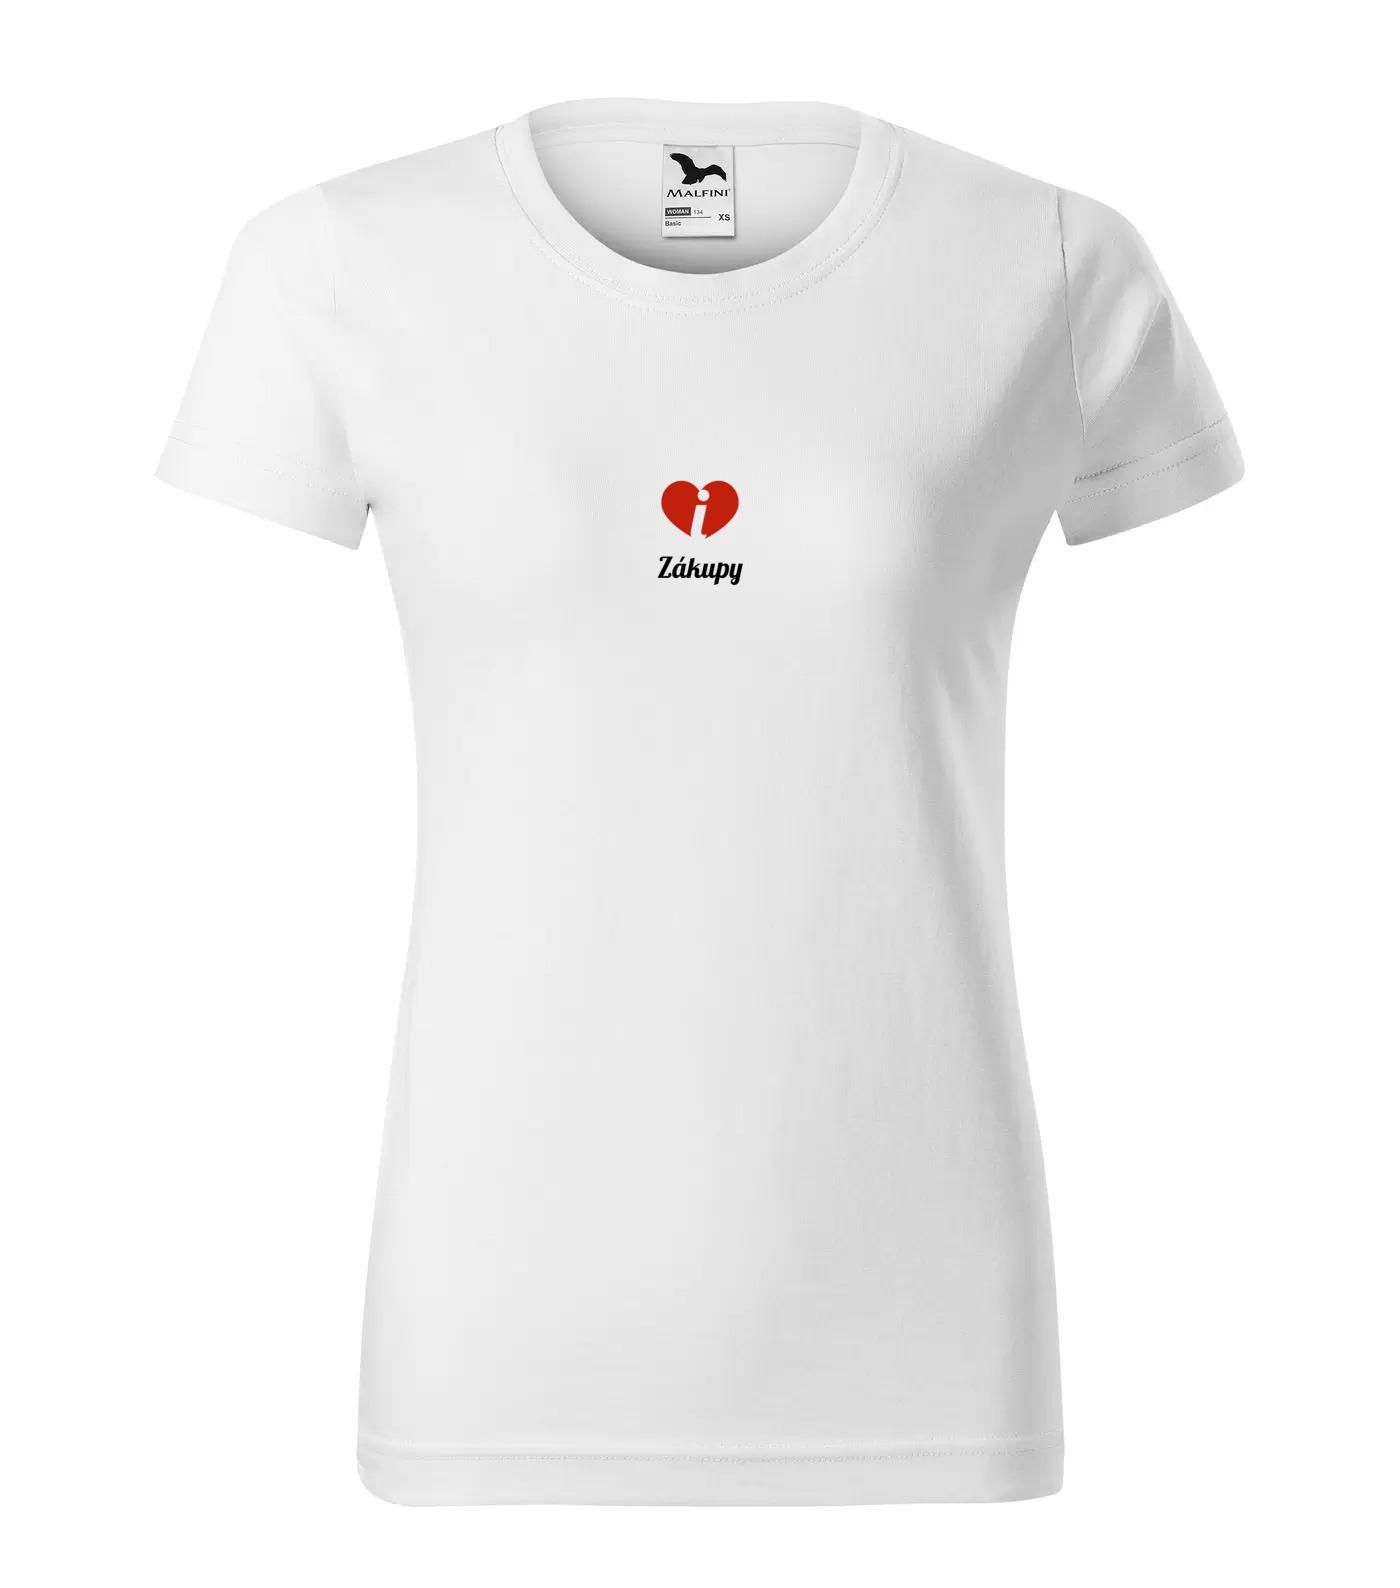 Tričko Zákupy